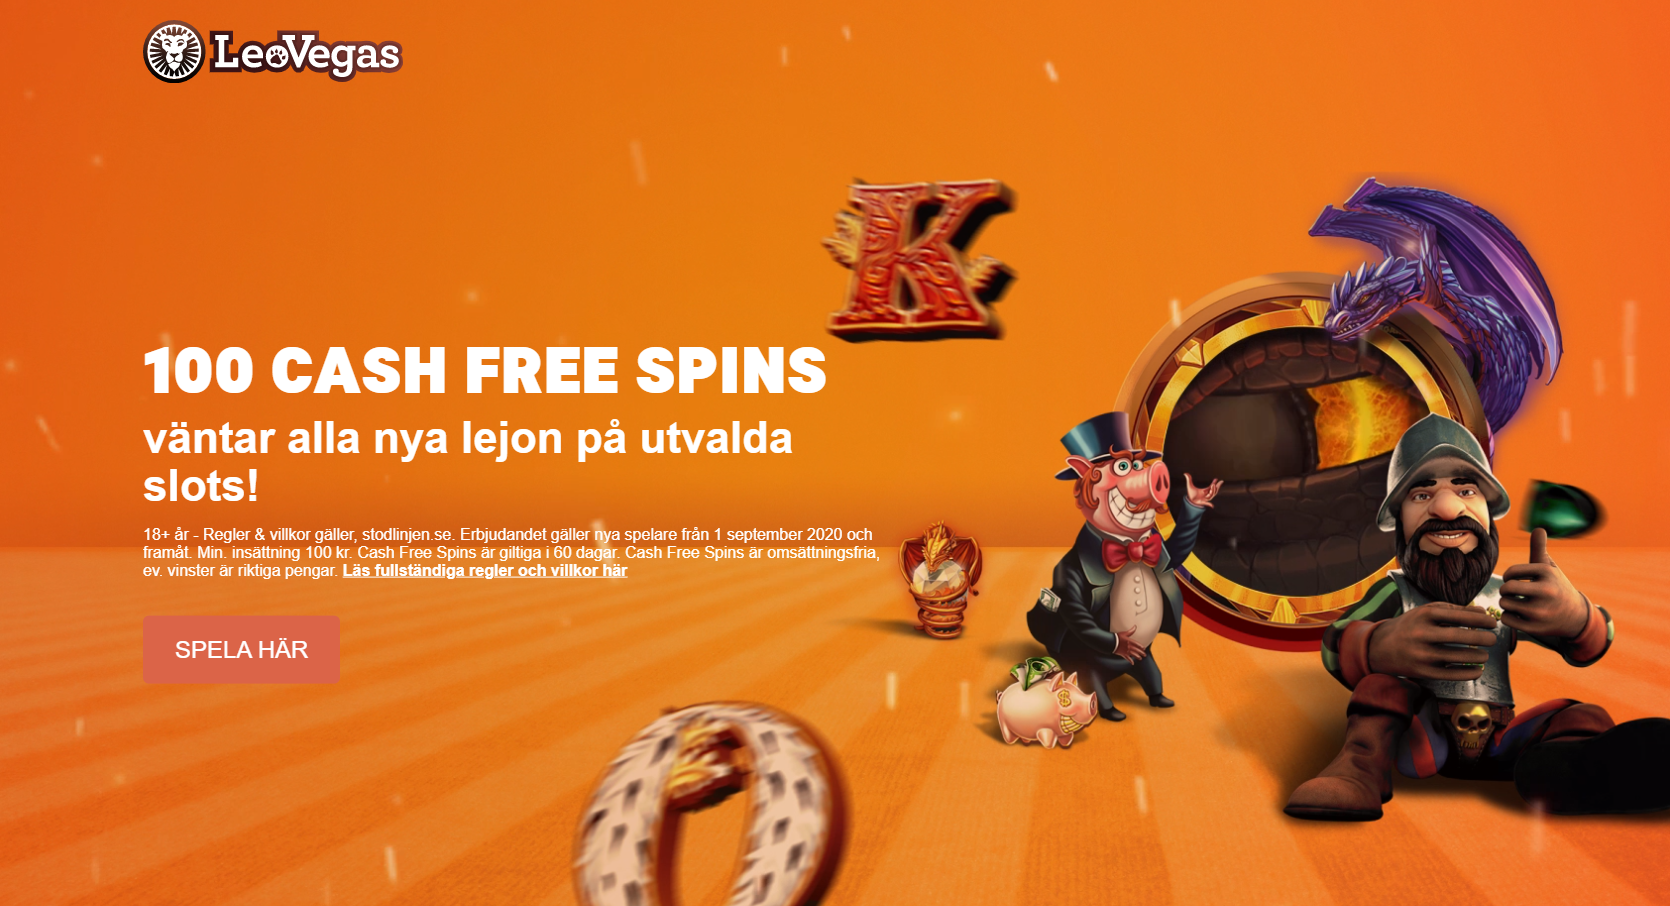 Leovegas casino bonus - 100 cash free spins utan omsättningskrav i välkomstbonus!